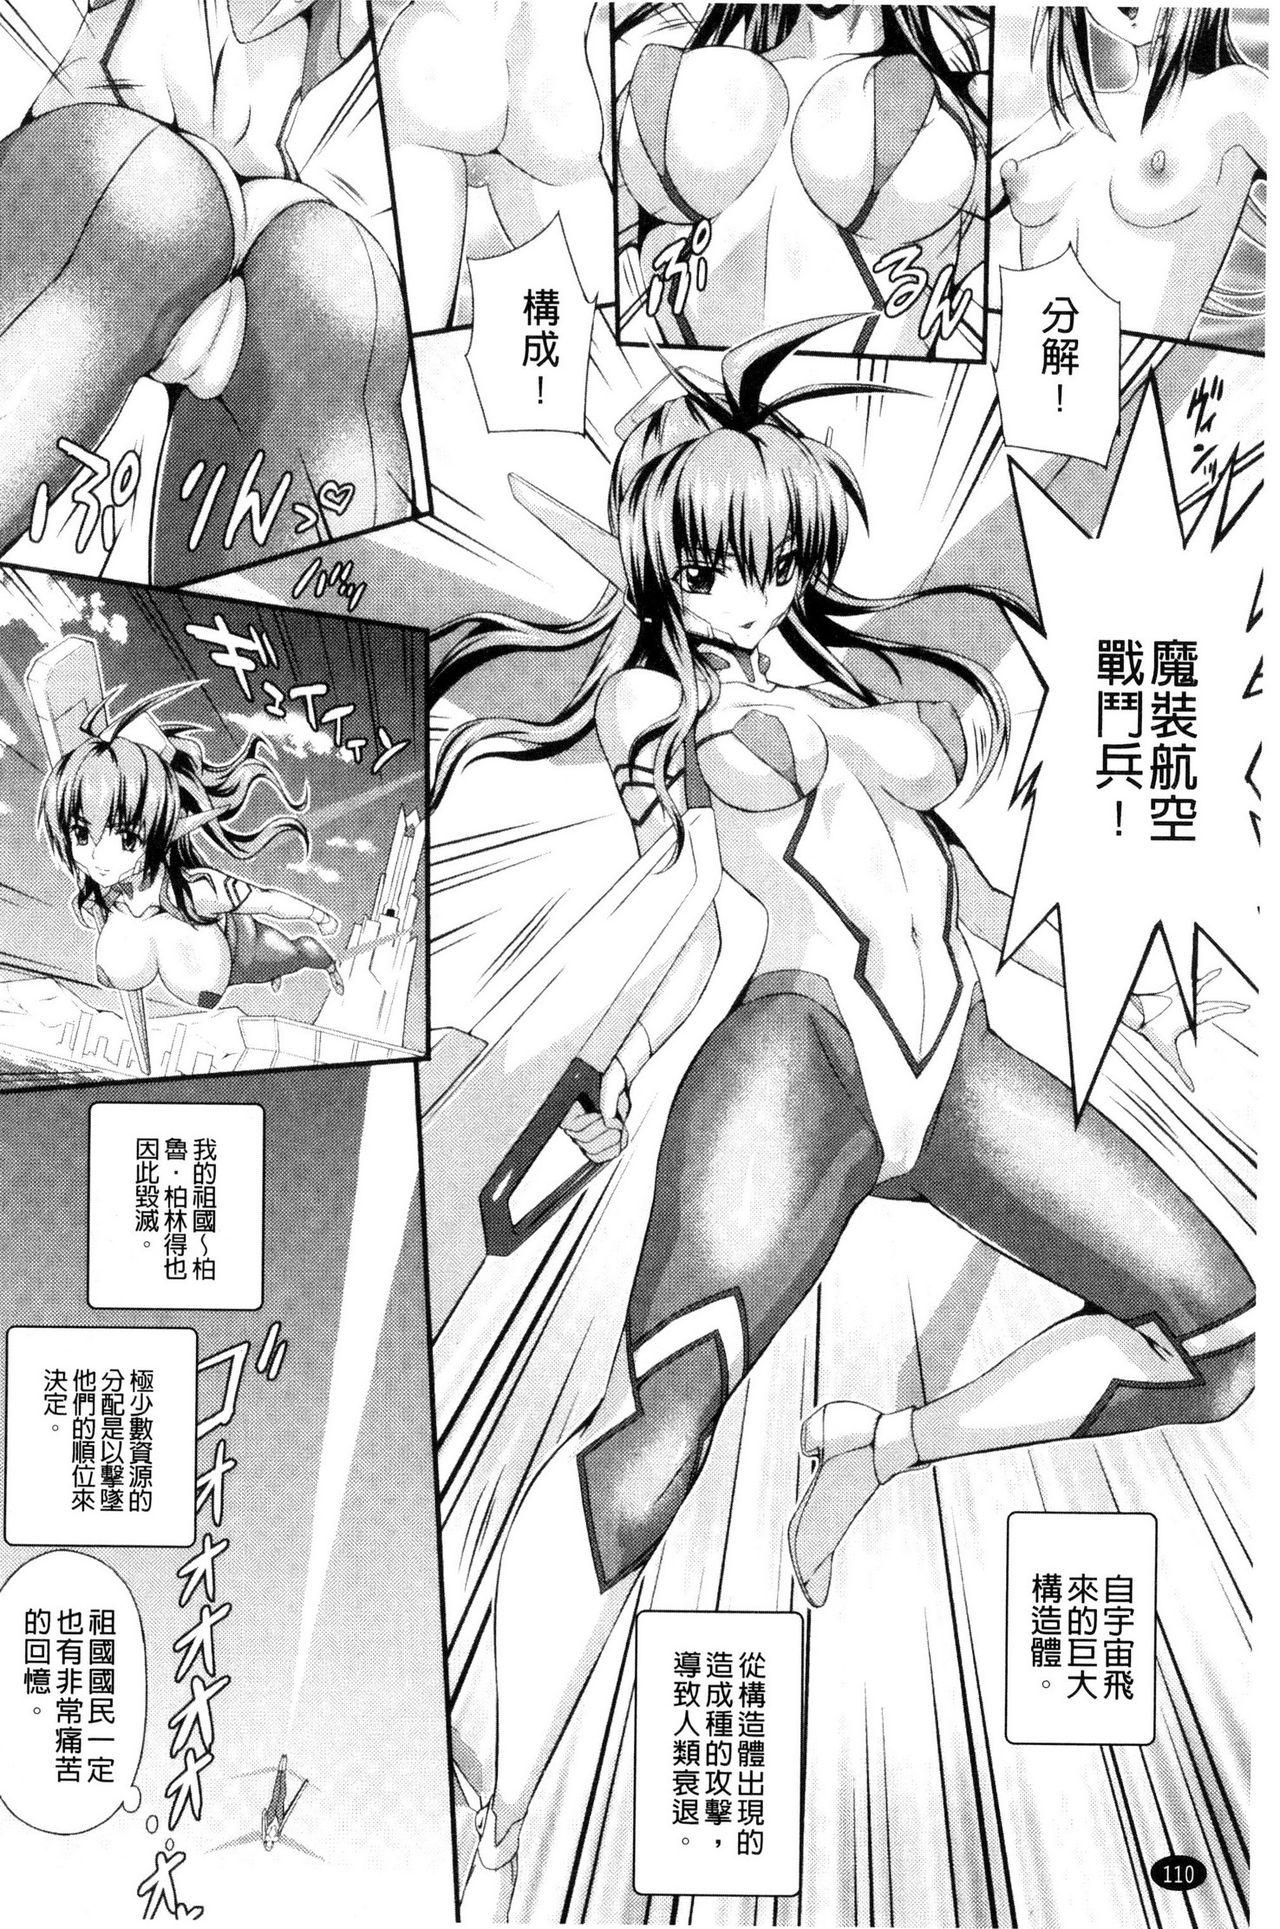 Busou Senki 114